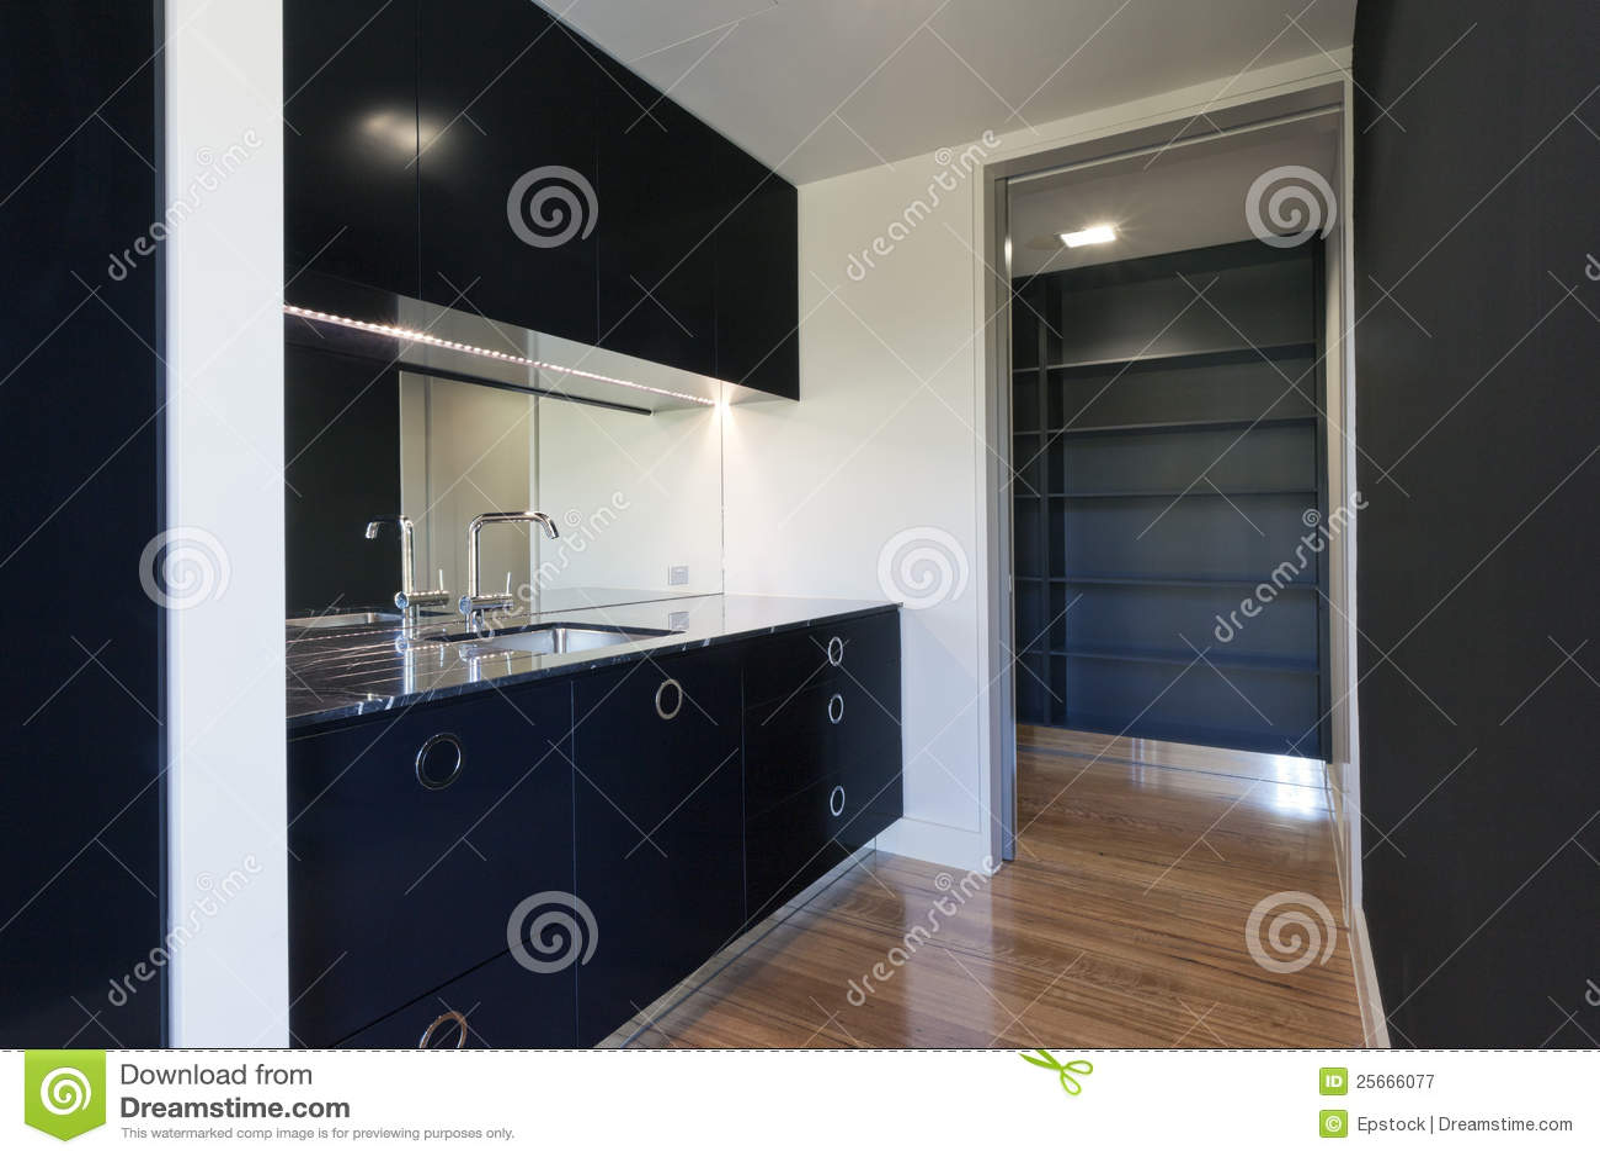 Piccola cucina moderna immagine stock immagine di nero 25666077 - Cucina piccola moderna ...